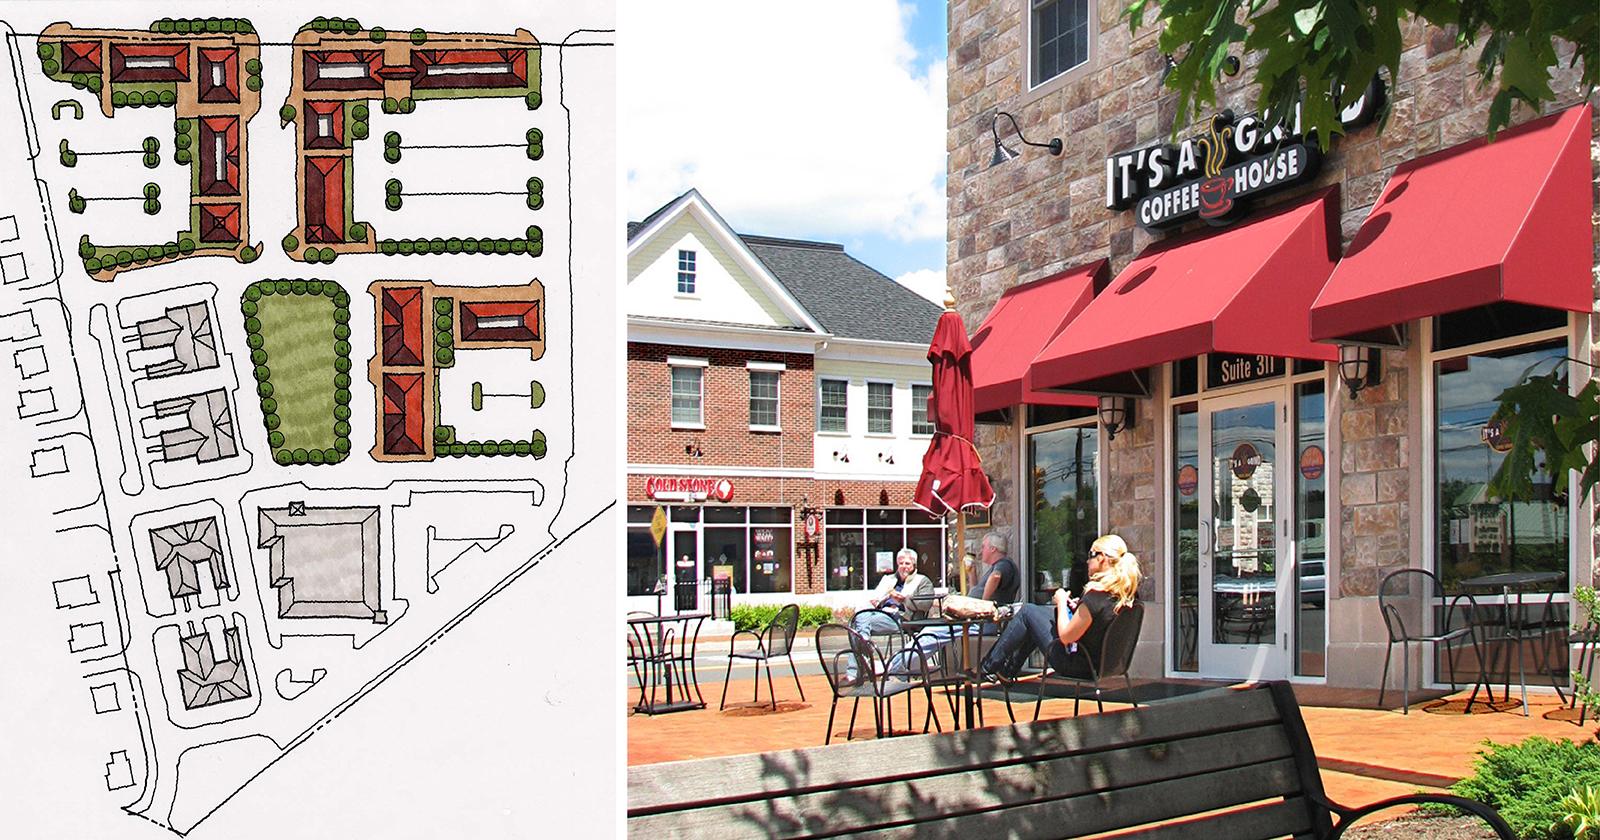 Plainsboro Village Center, Plainsboro, NJ